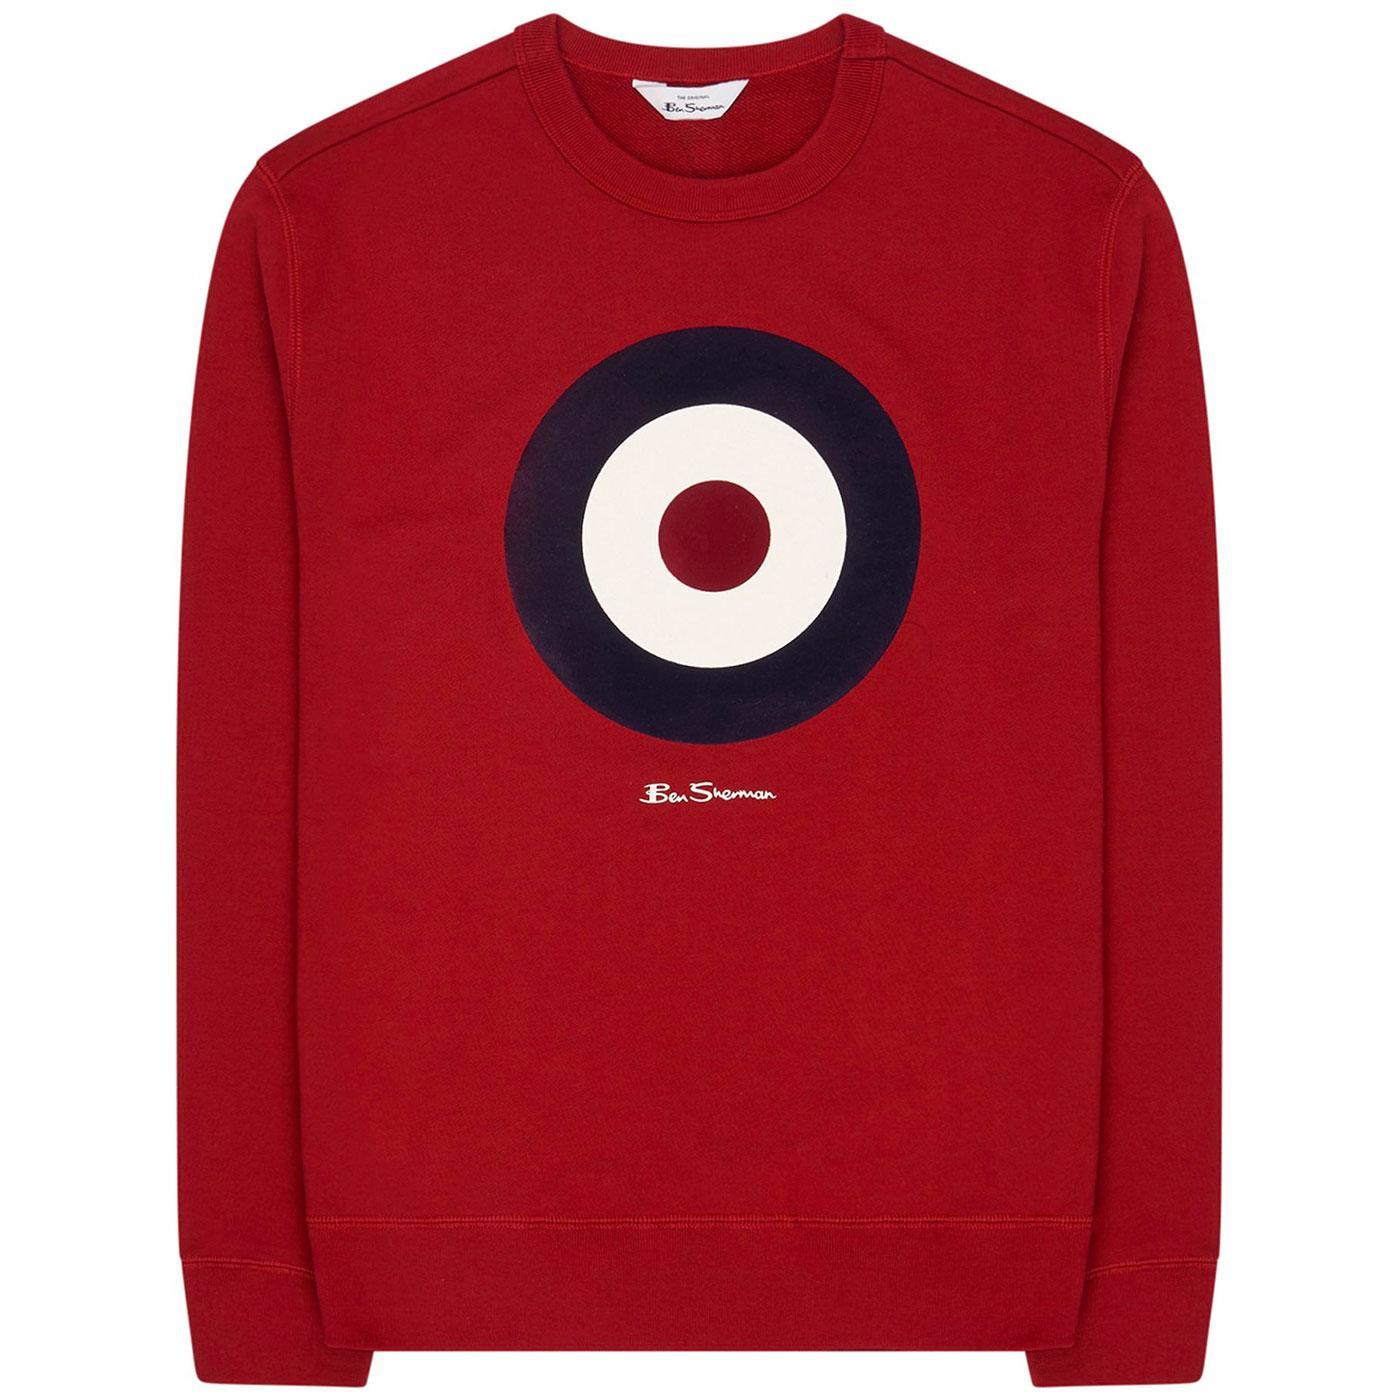 BEN SHERMAN Mod Target Signature Sweatshirt (Red)